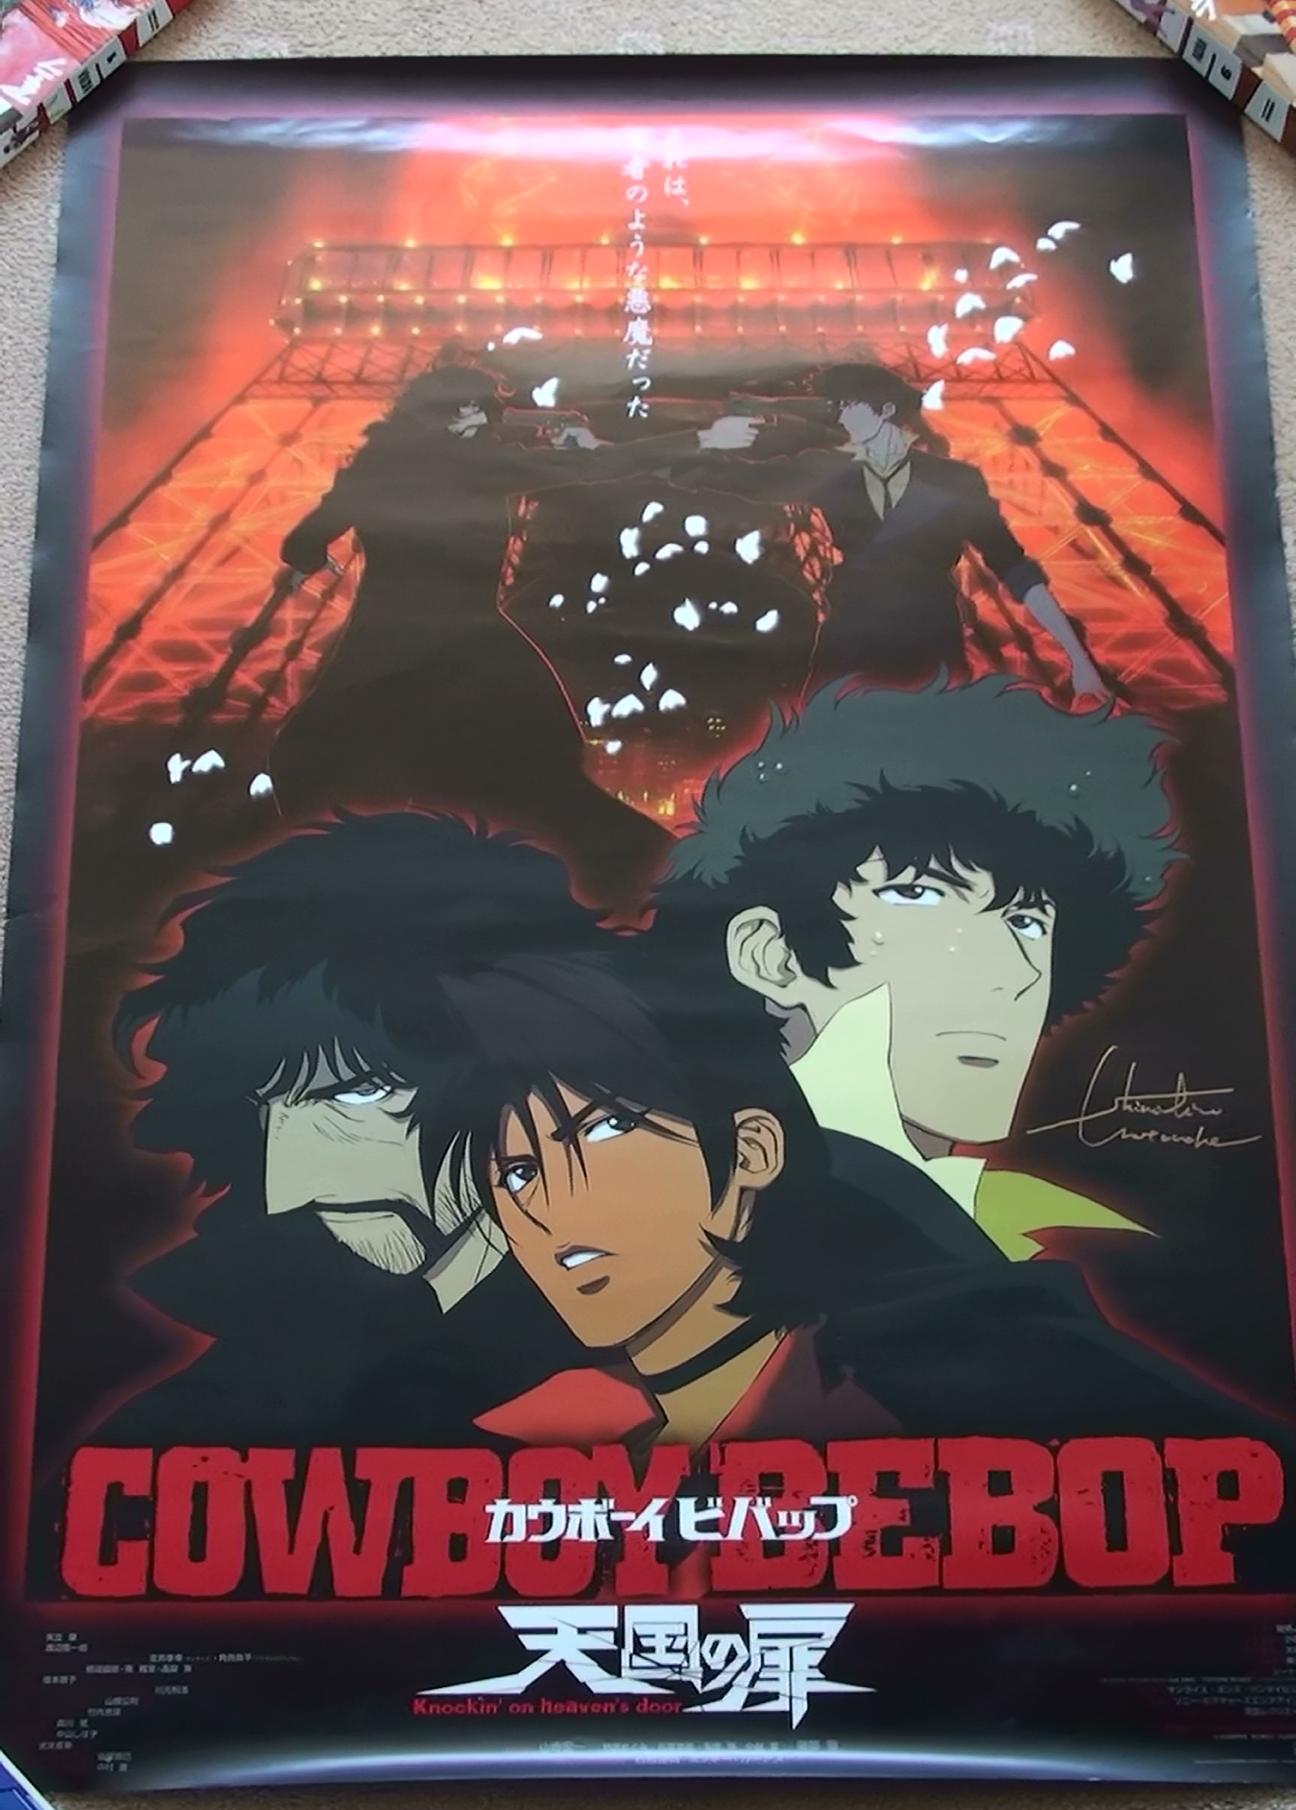 Cowboy Bebop - Shinichiro Watanabe